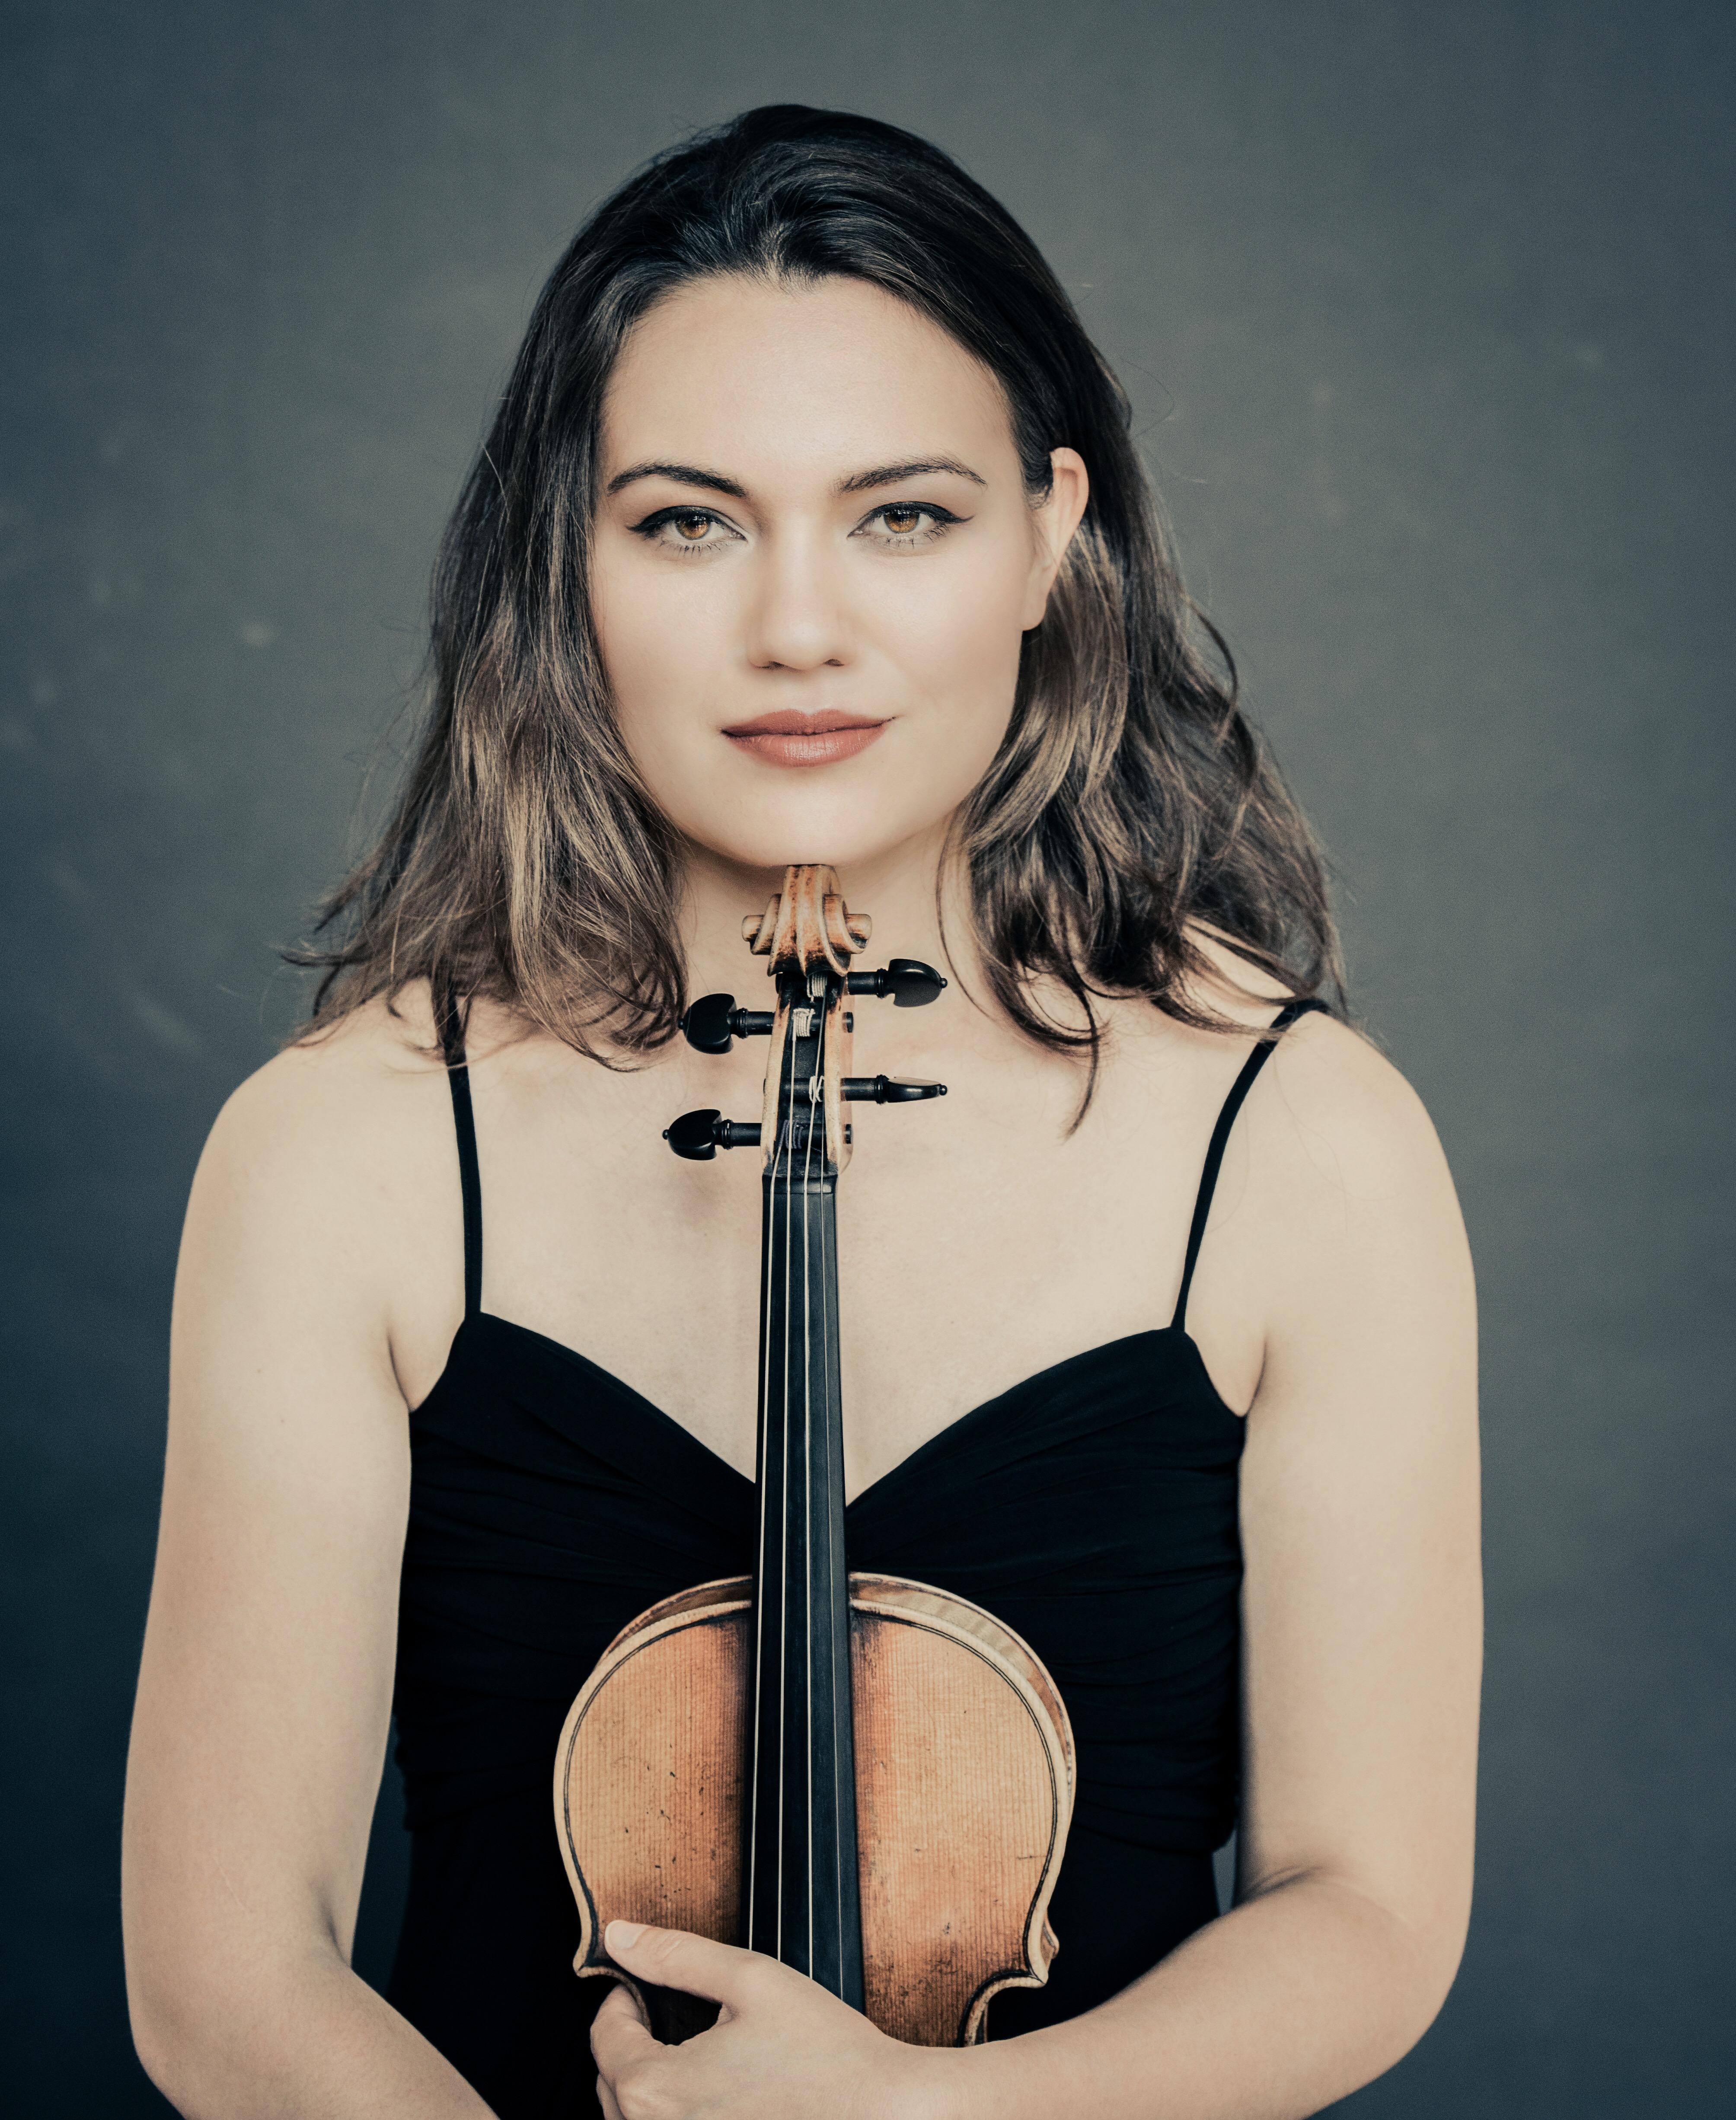 Michiko Lena Feuerlein